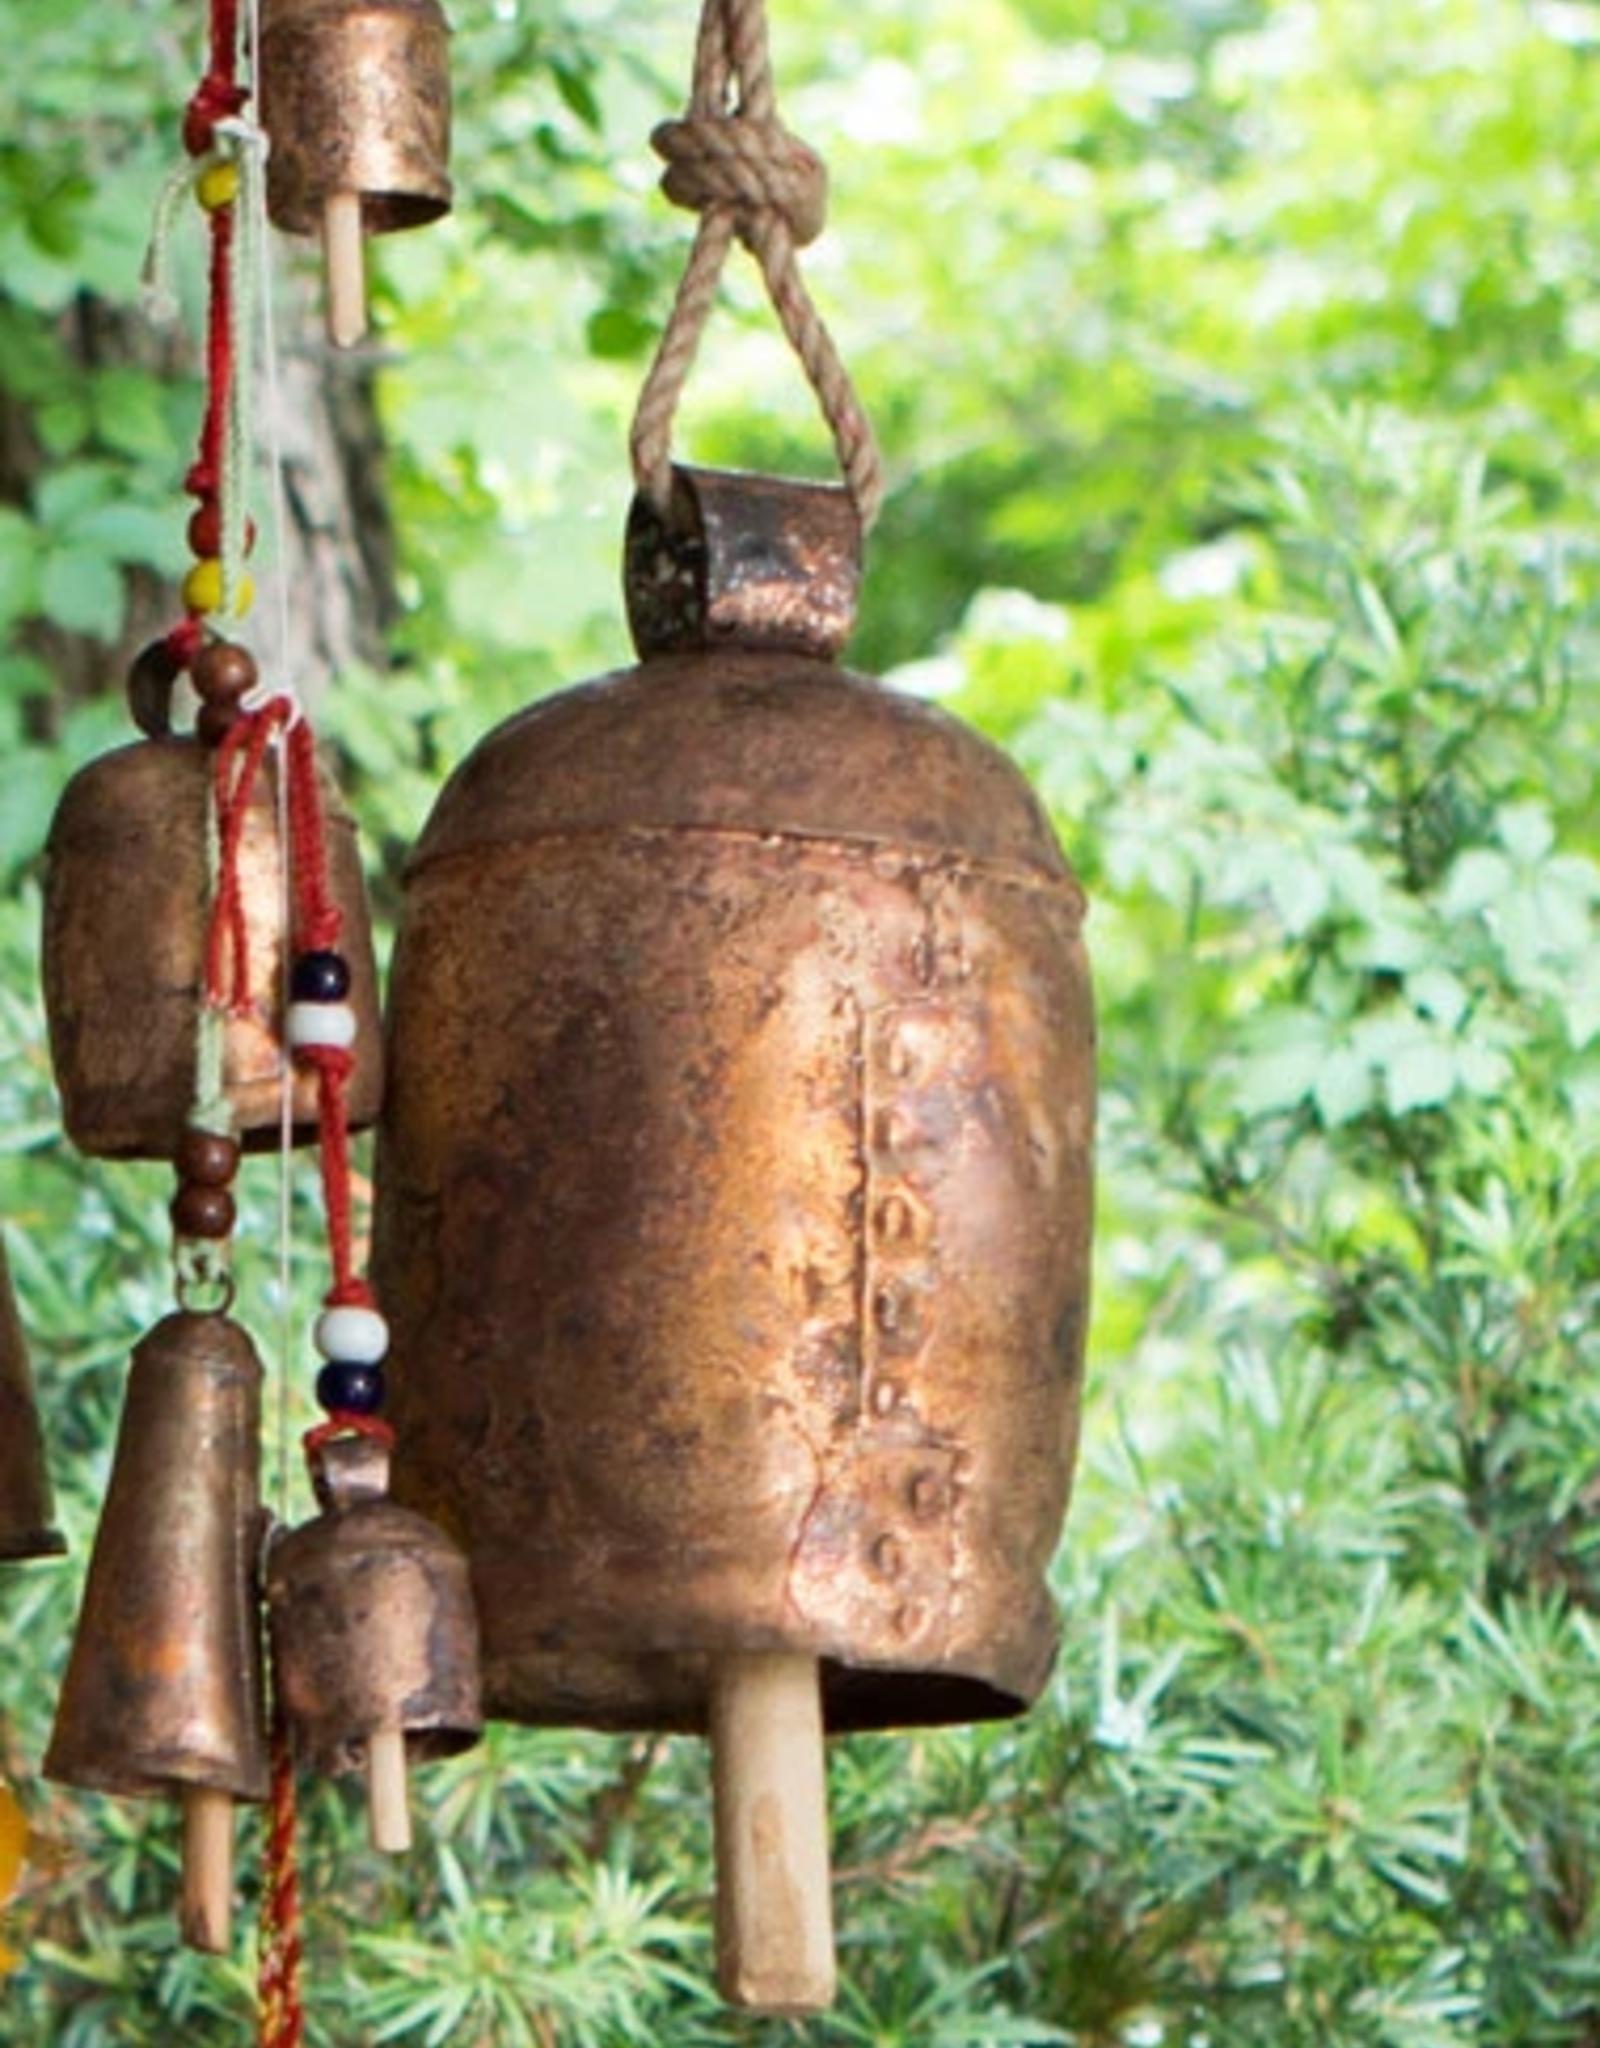 Matr Boomie Copper Handmade Bell GIANT